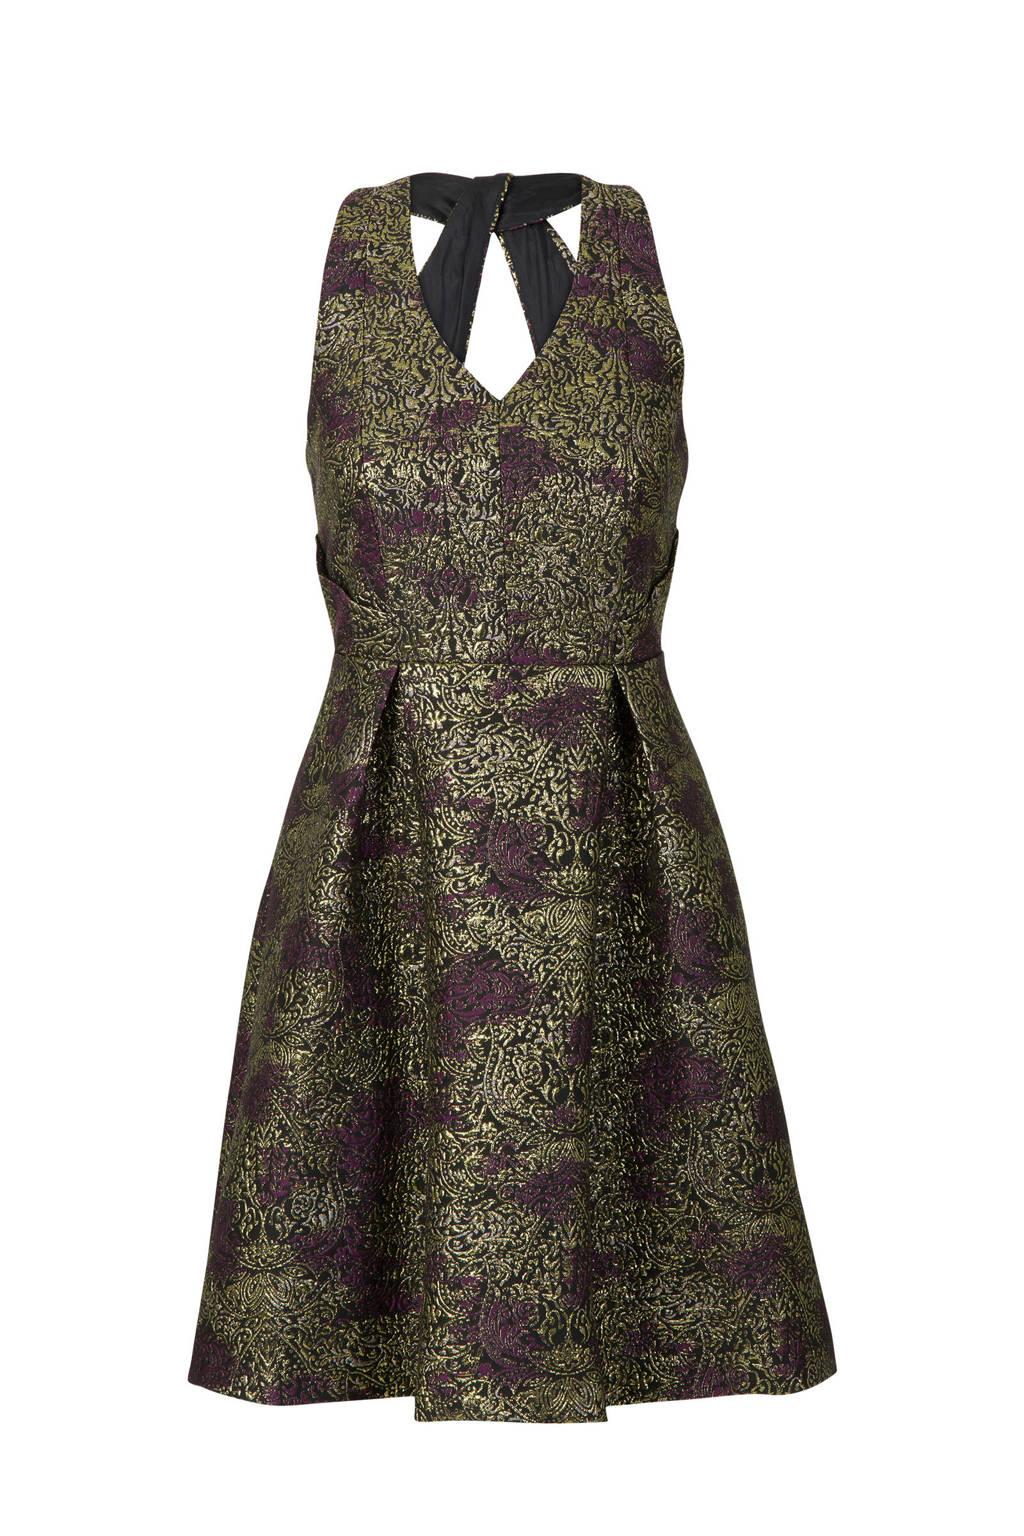 Steps asymmetrische jurk goud, Goud/ Aubergine/ Zwart